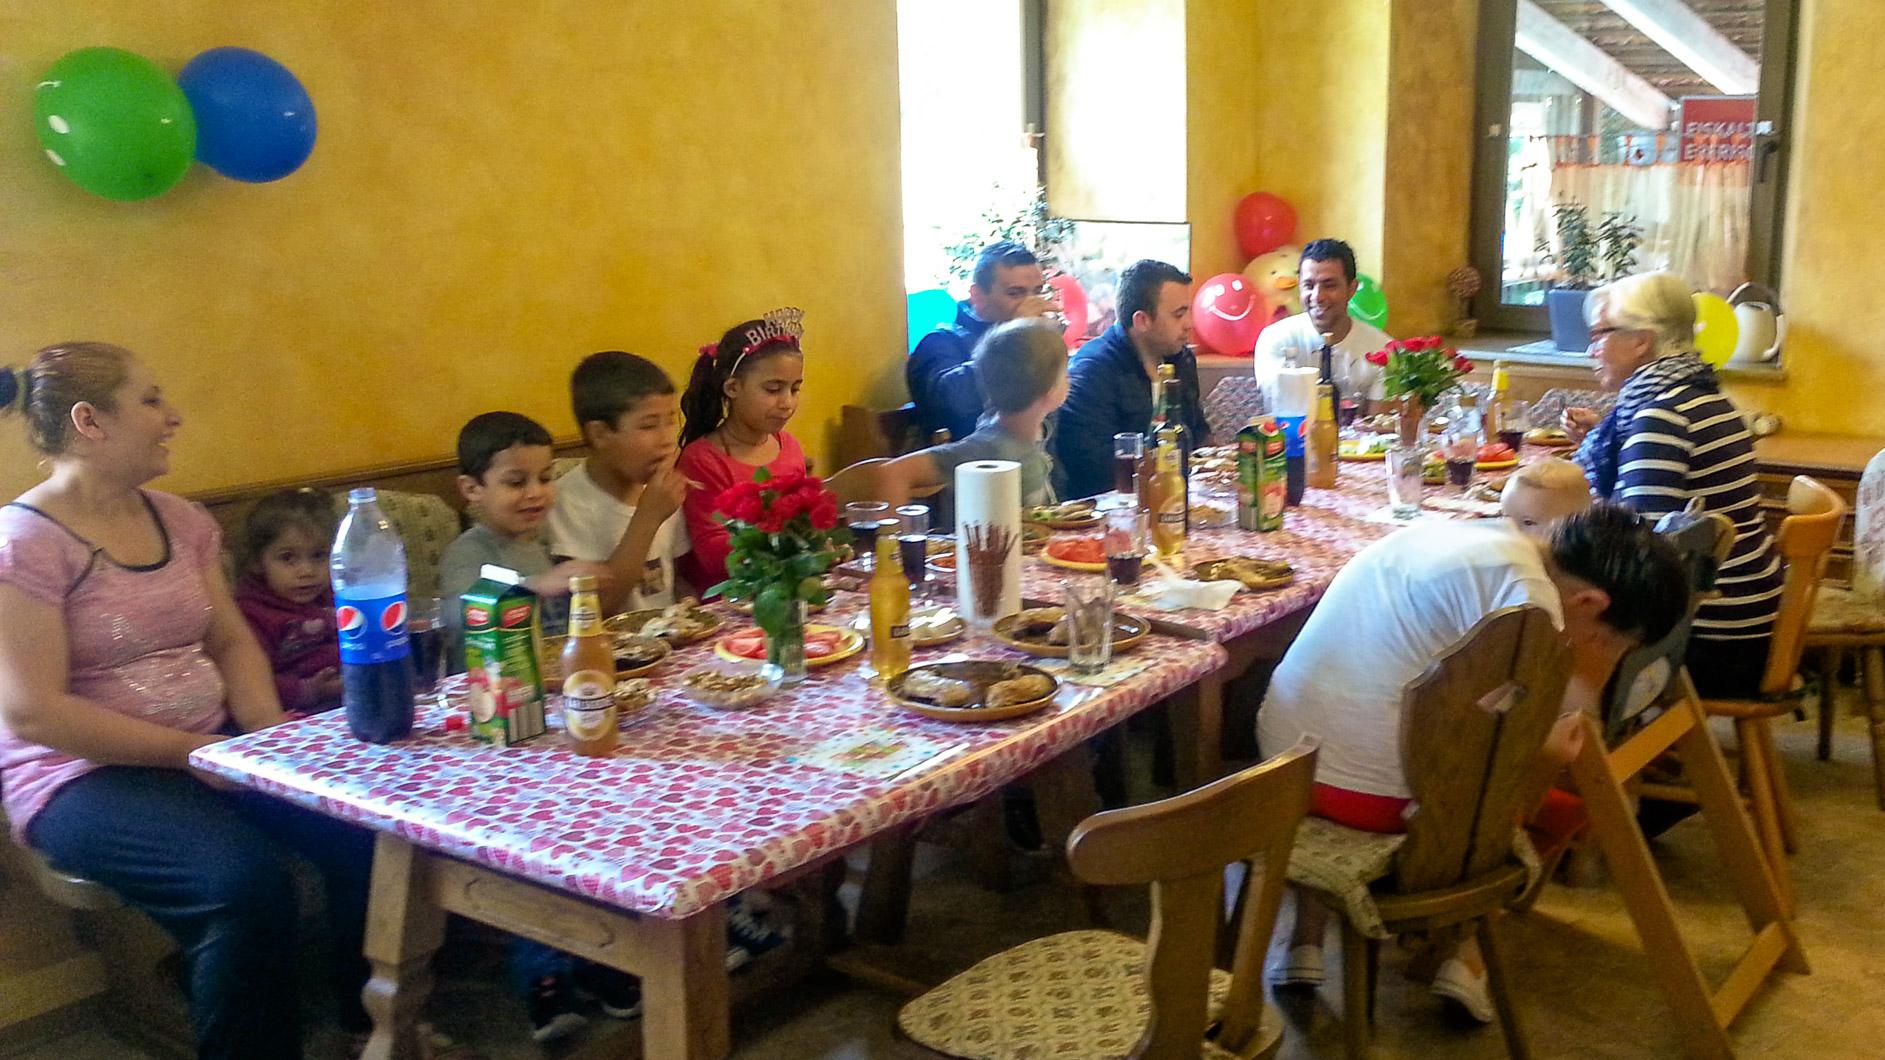 Familie Muhaxhiri feiert Geburtstag